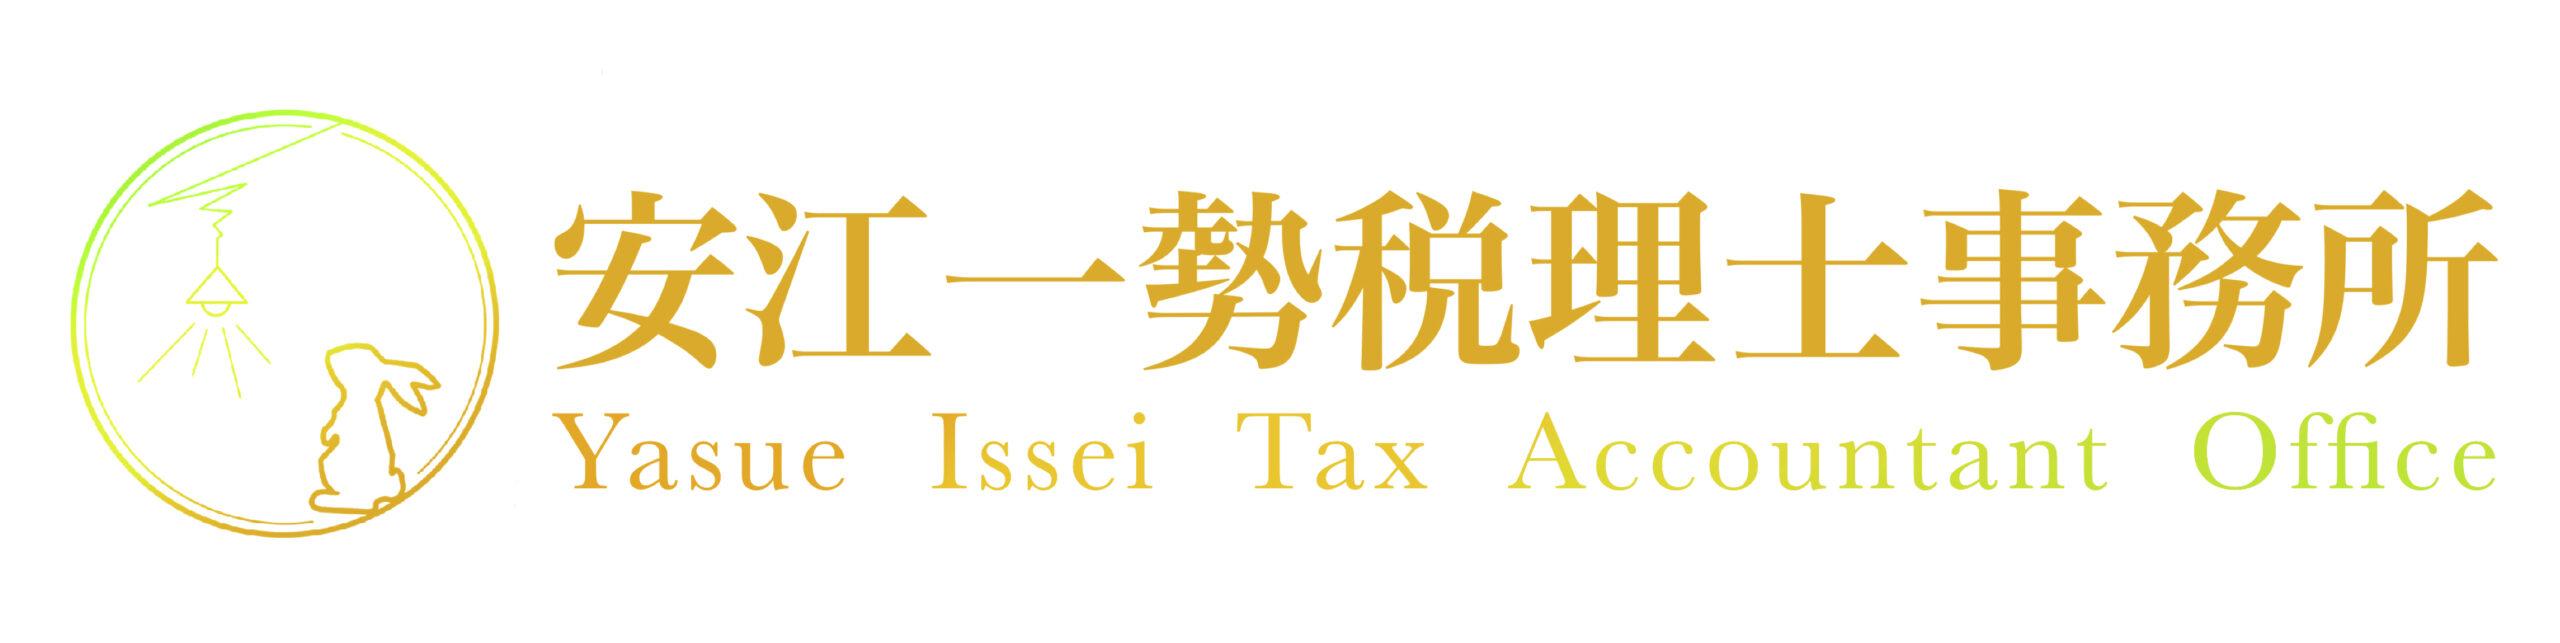 フリーランス・小規模事業者に特化した安江一勢税理士事務所